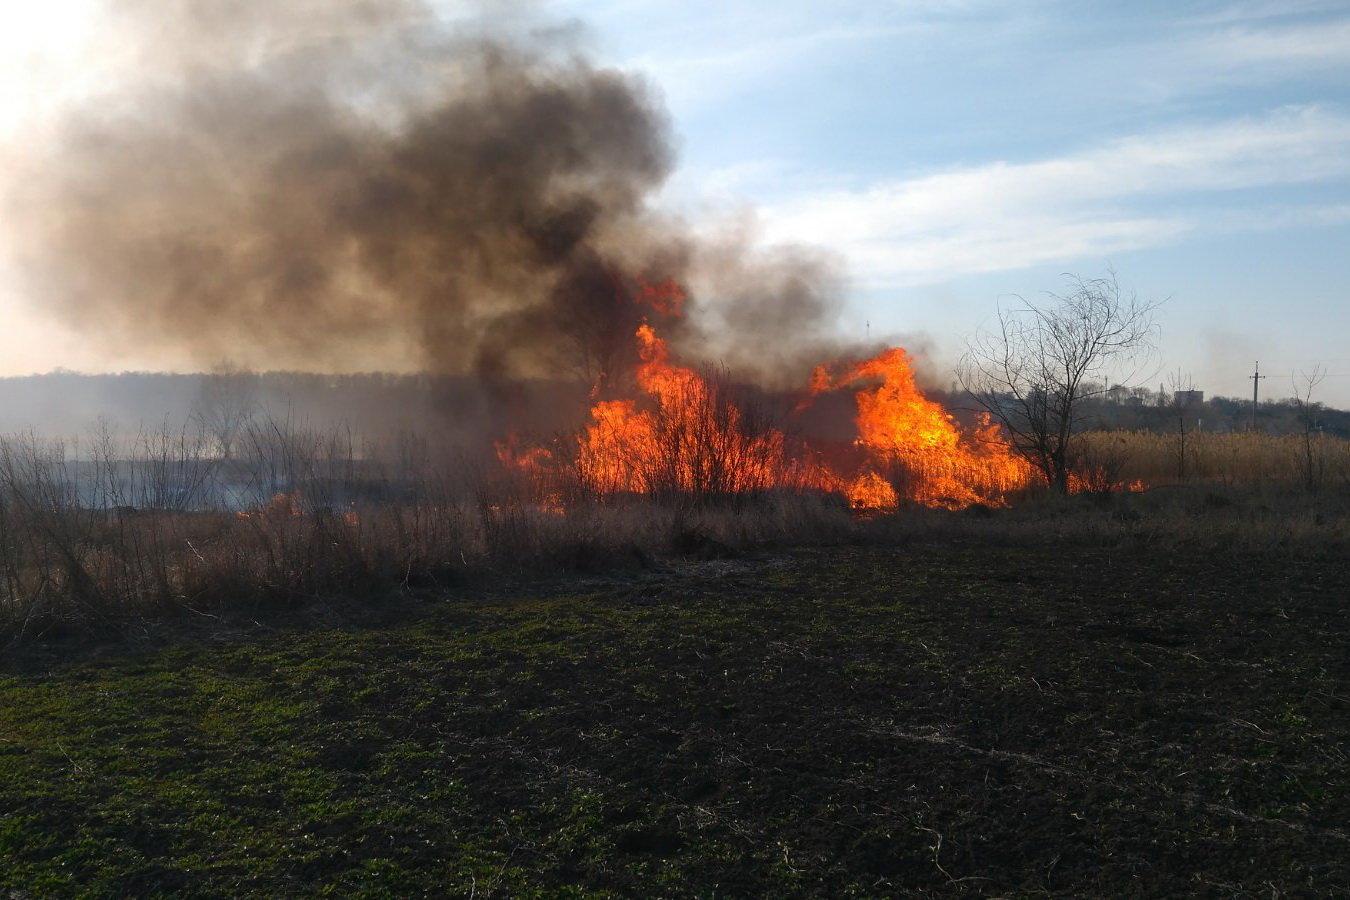 На Харьковщине спасатели тушили сотню пожаров в природных экосистемах: пострадала женщина, - ФОТО, фото-2